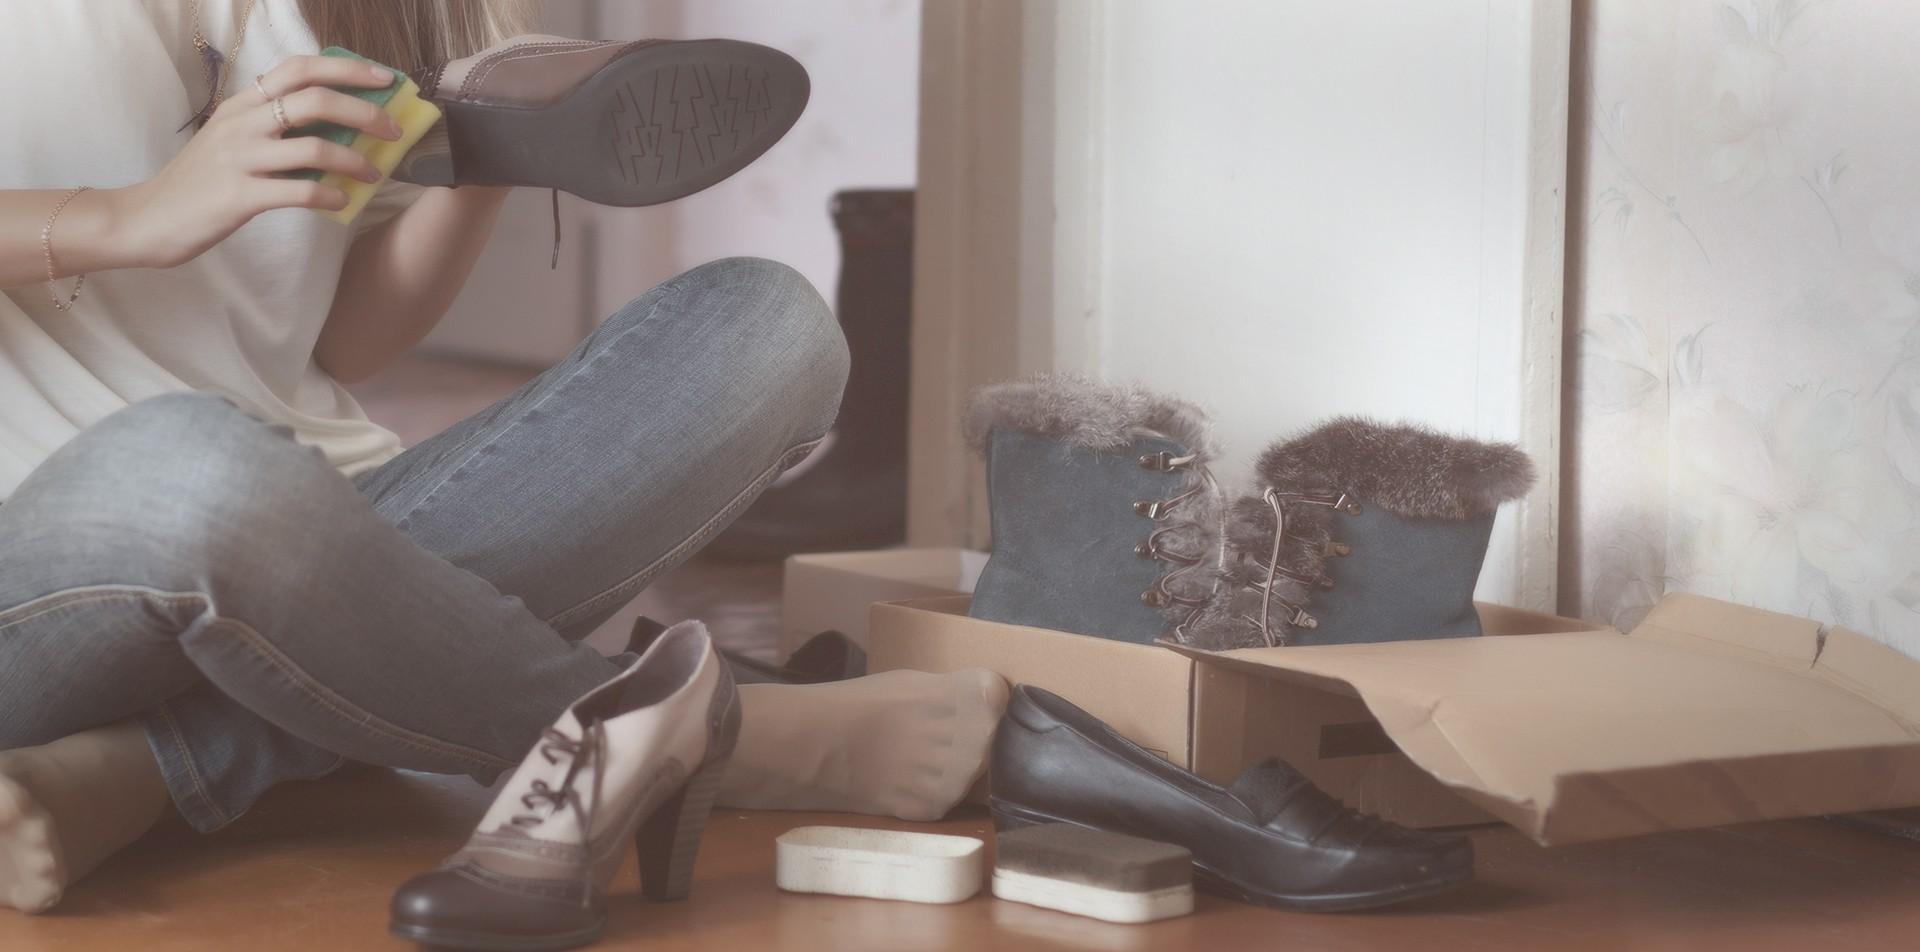 Para manter seus calçados como novos